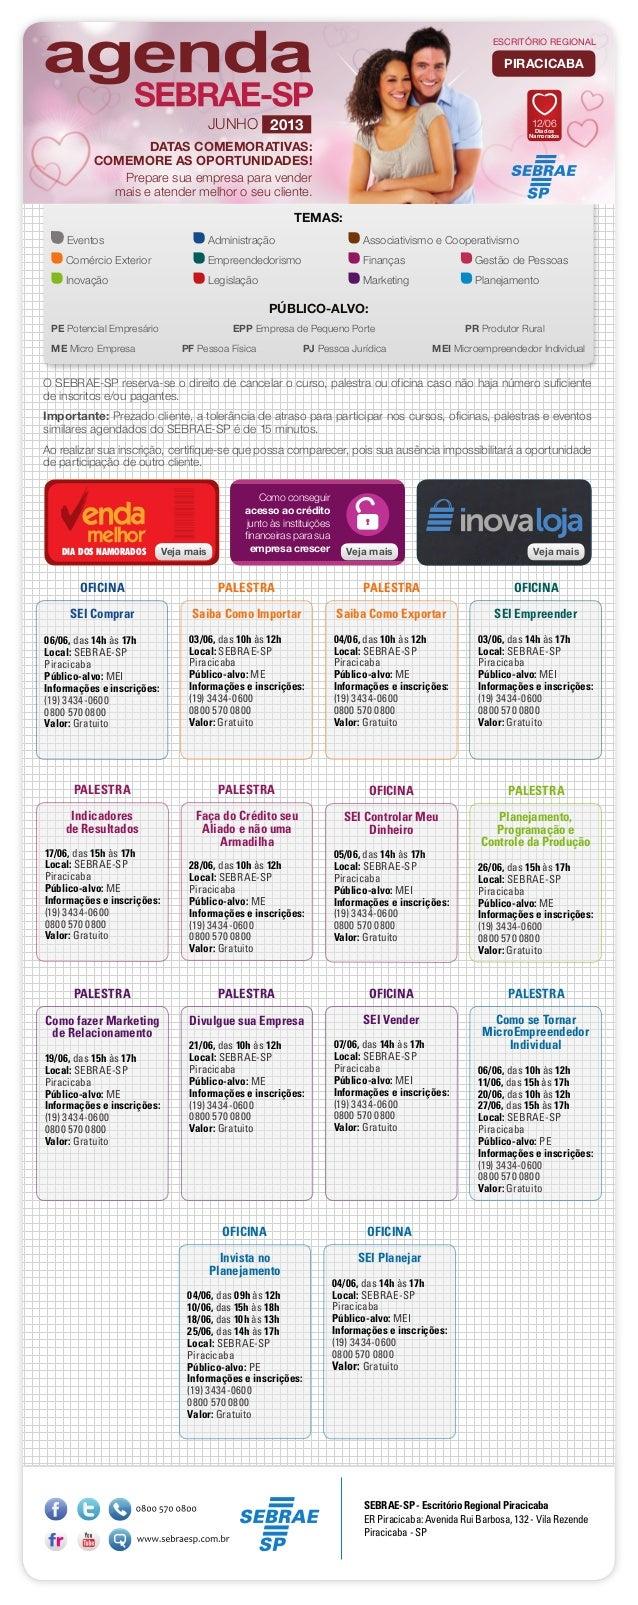 TEMAS:Eventos Administração Associativismo e CooperativismoComércio Exterior Empreendedorismo Finanças Gestão de Pess...